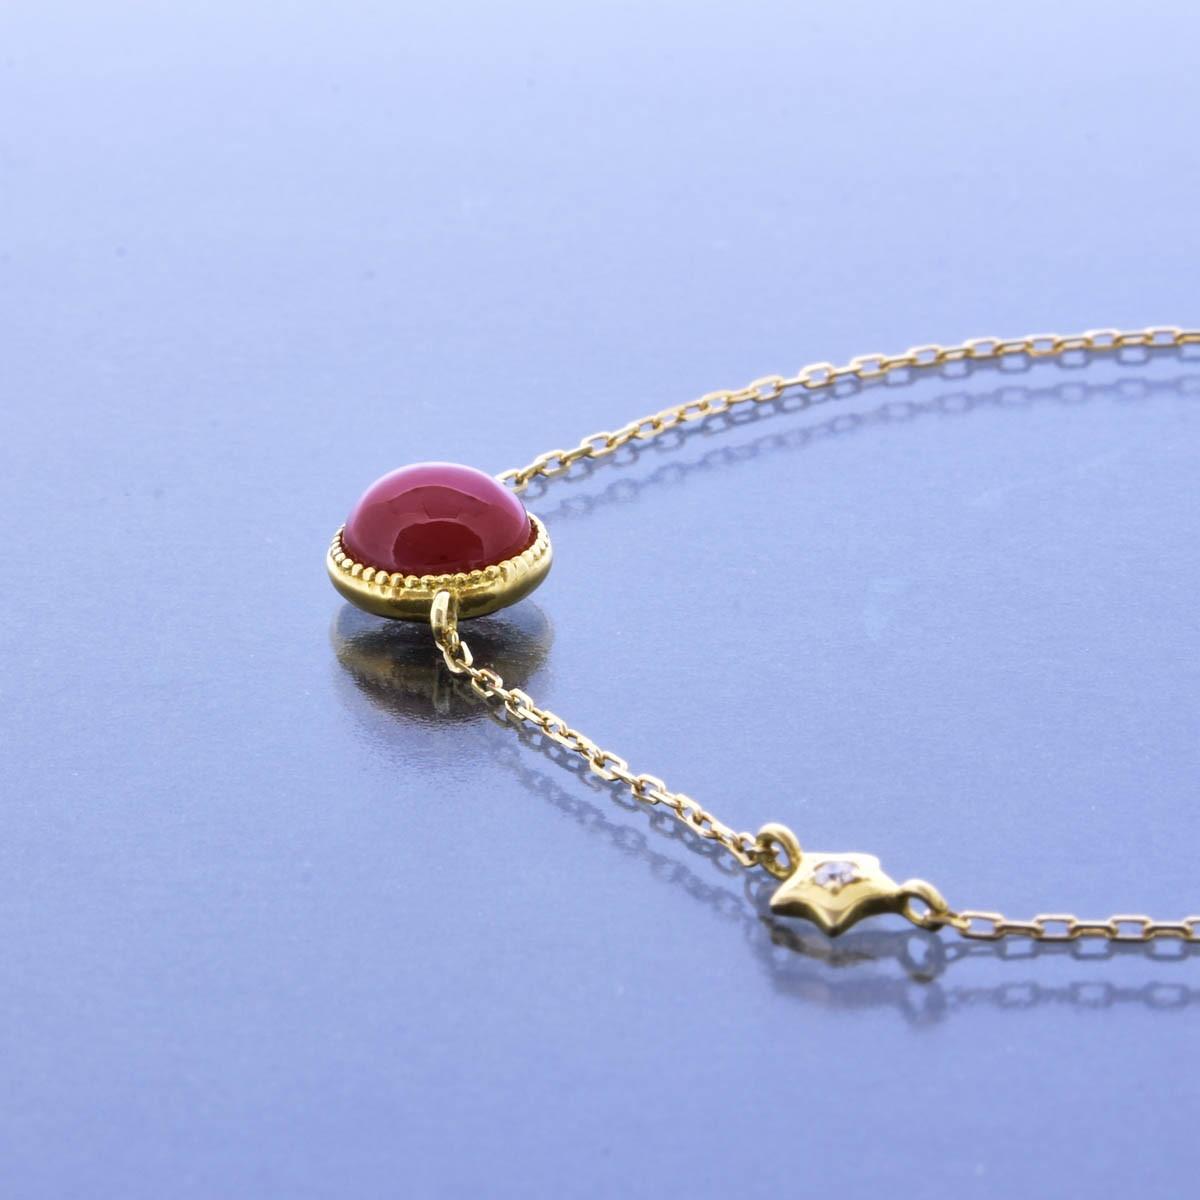 K18YG 赤珊瑚 ブレスレット 星座 モチーフ 牡牛座 おうし座